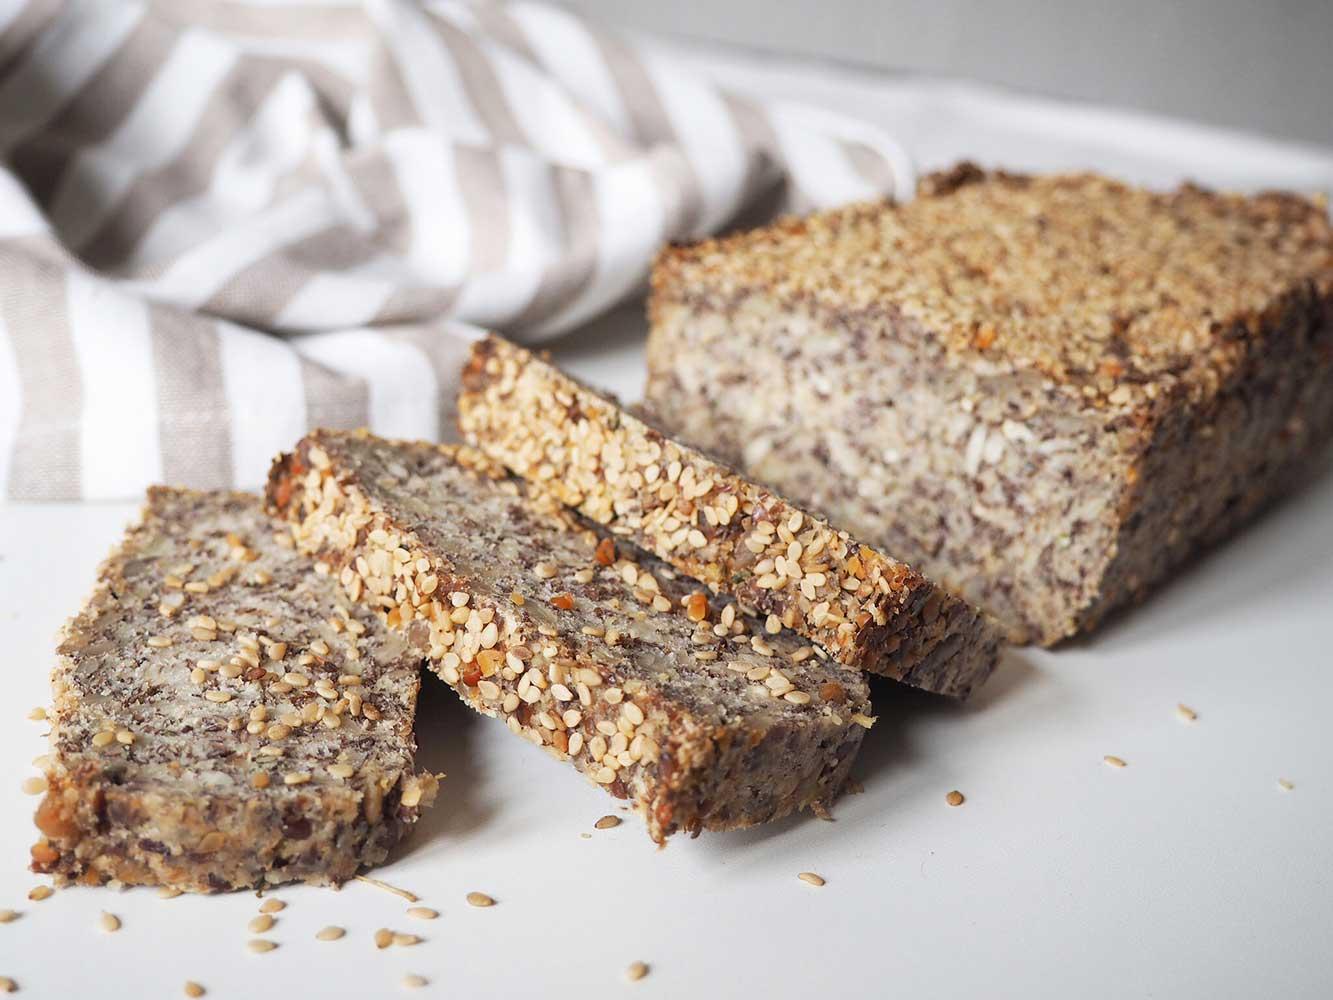 Life Changing Bread - Das glutenfreie Saatenbrot ohne Nüsse